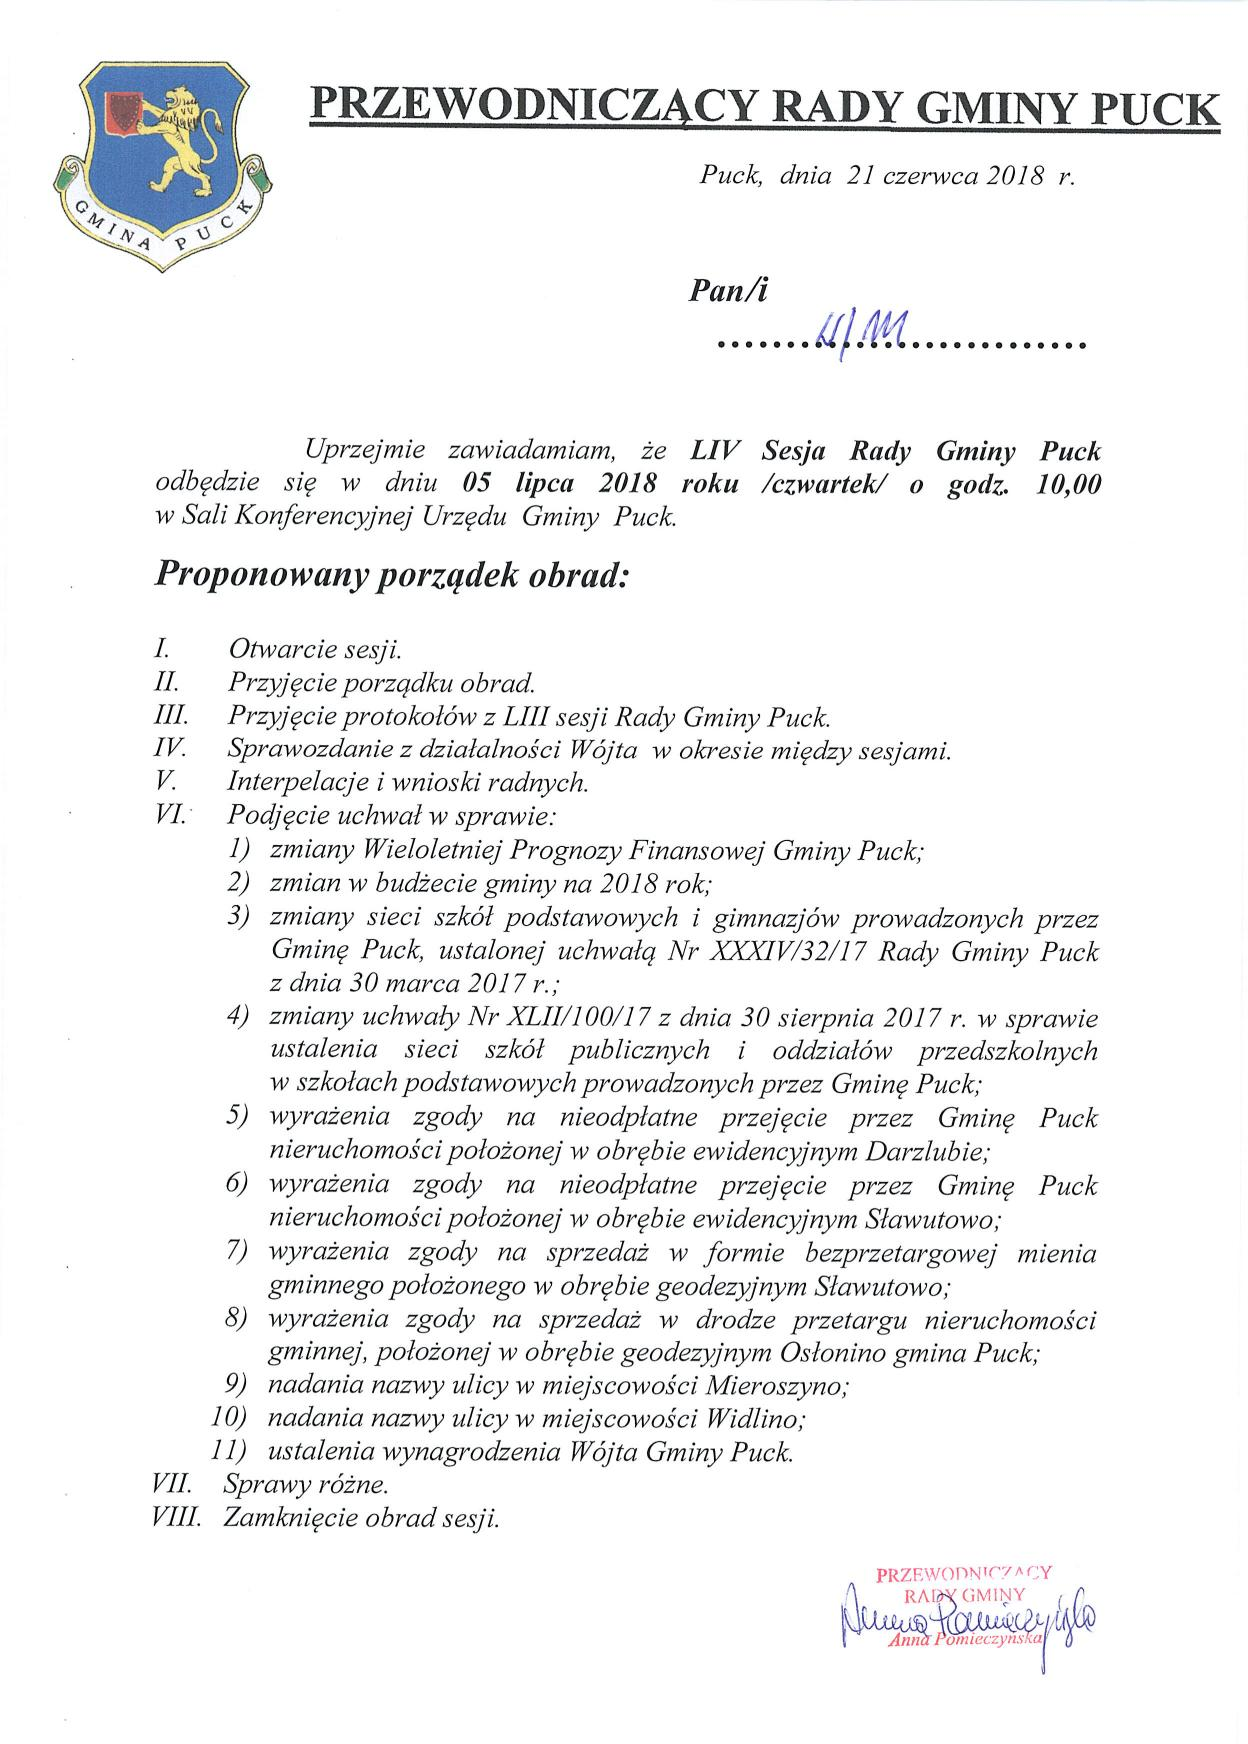 Proponowany porządek obrad LIV sesji Rady Gminy Puck - dnia 05 lipca 2018 roku_01